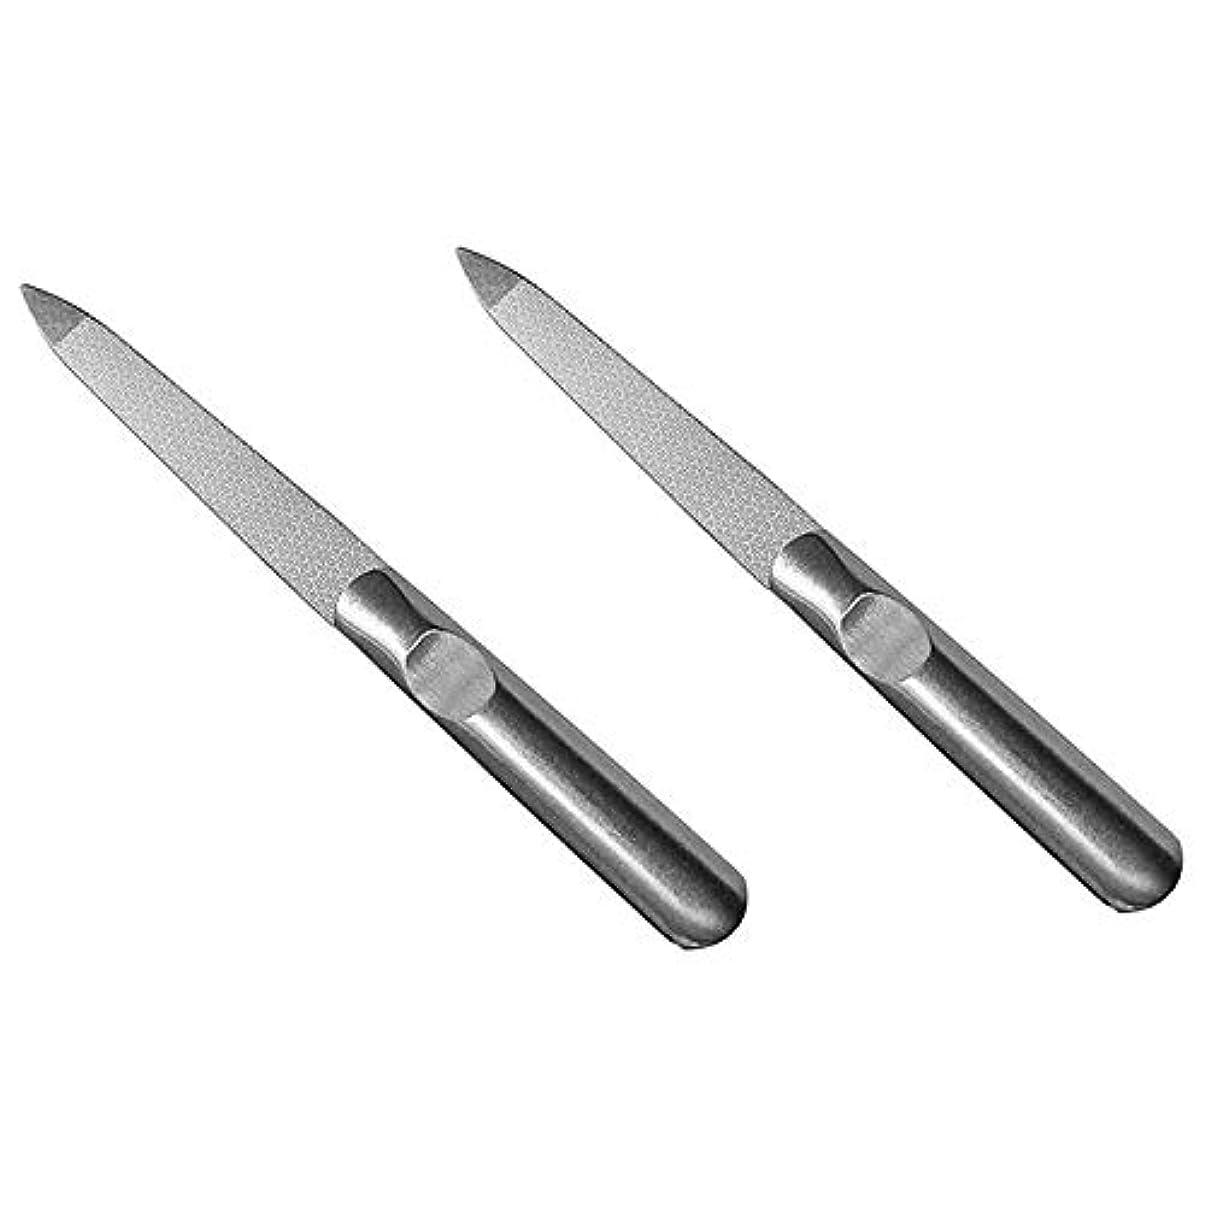 口径間違いなくプレートSODIAL 2個 ステンレススチール ネイルファイル 両面マット アーマー美容ツール Yangjiang爪 腐食の防止鎧